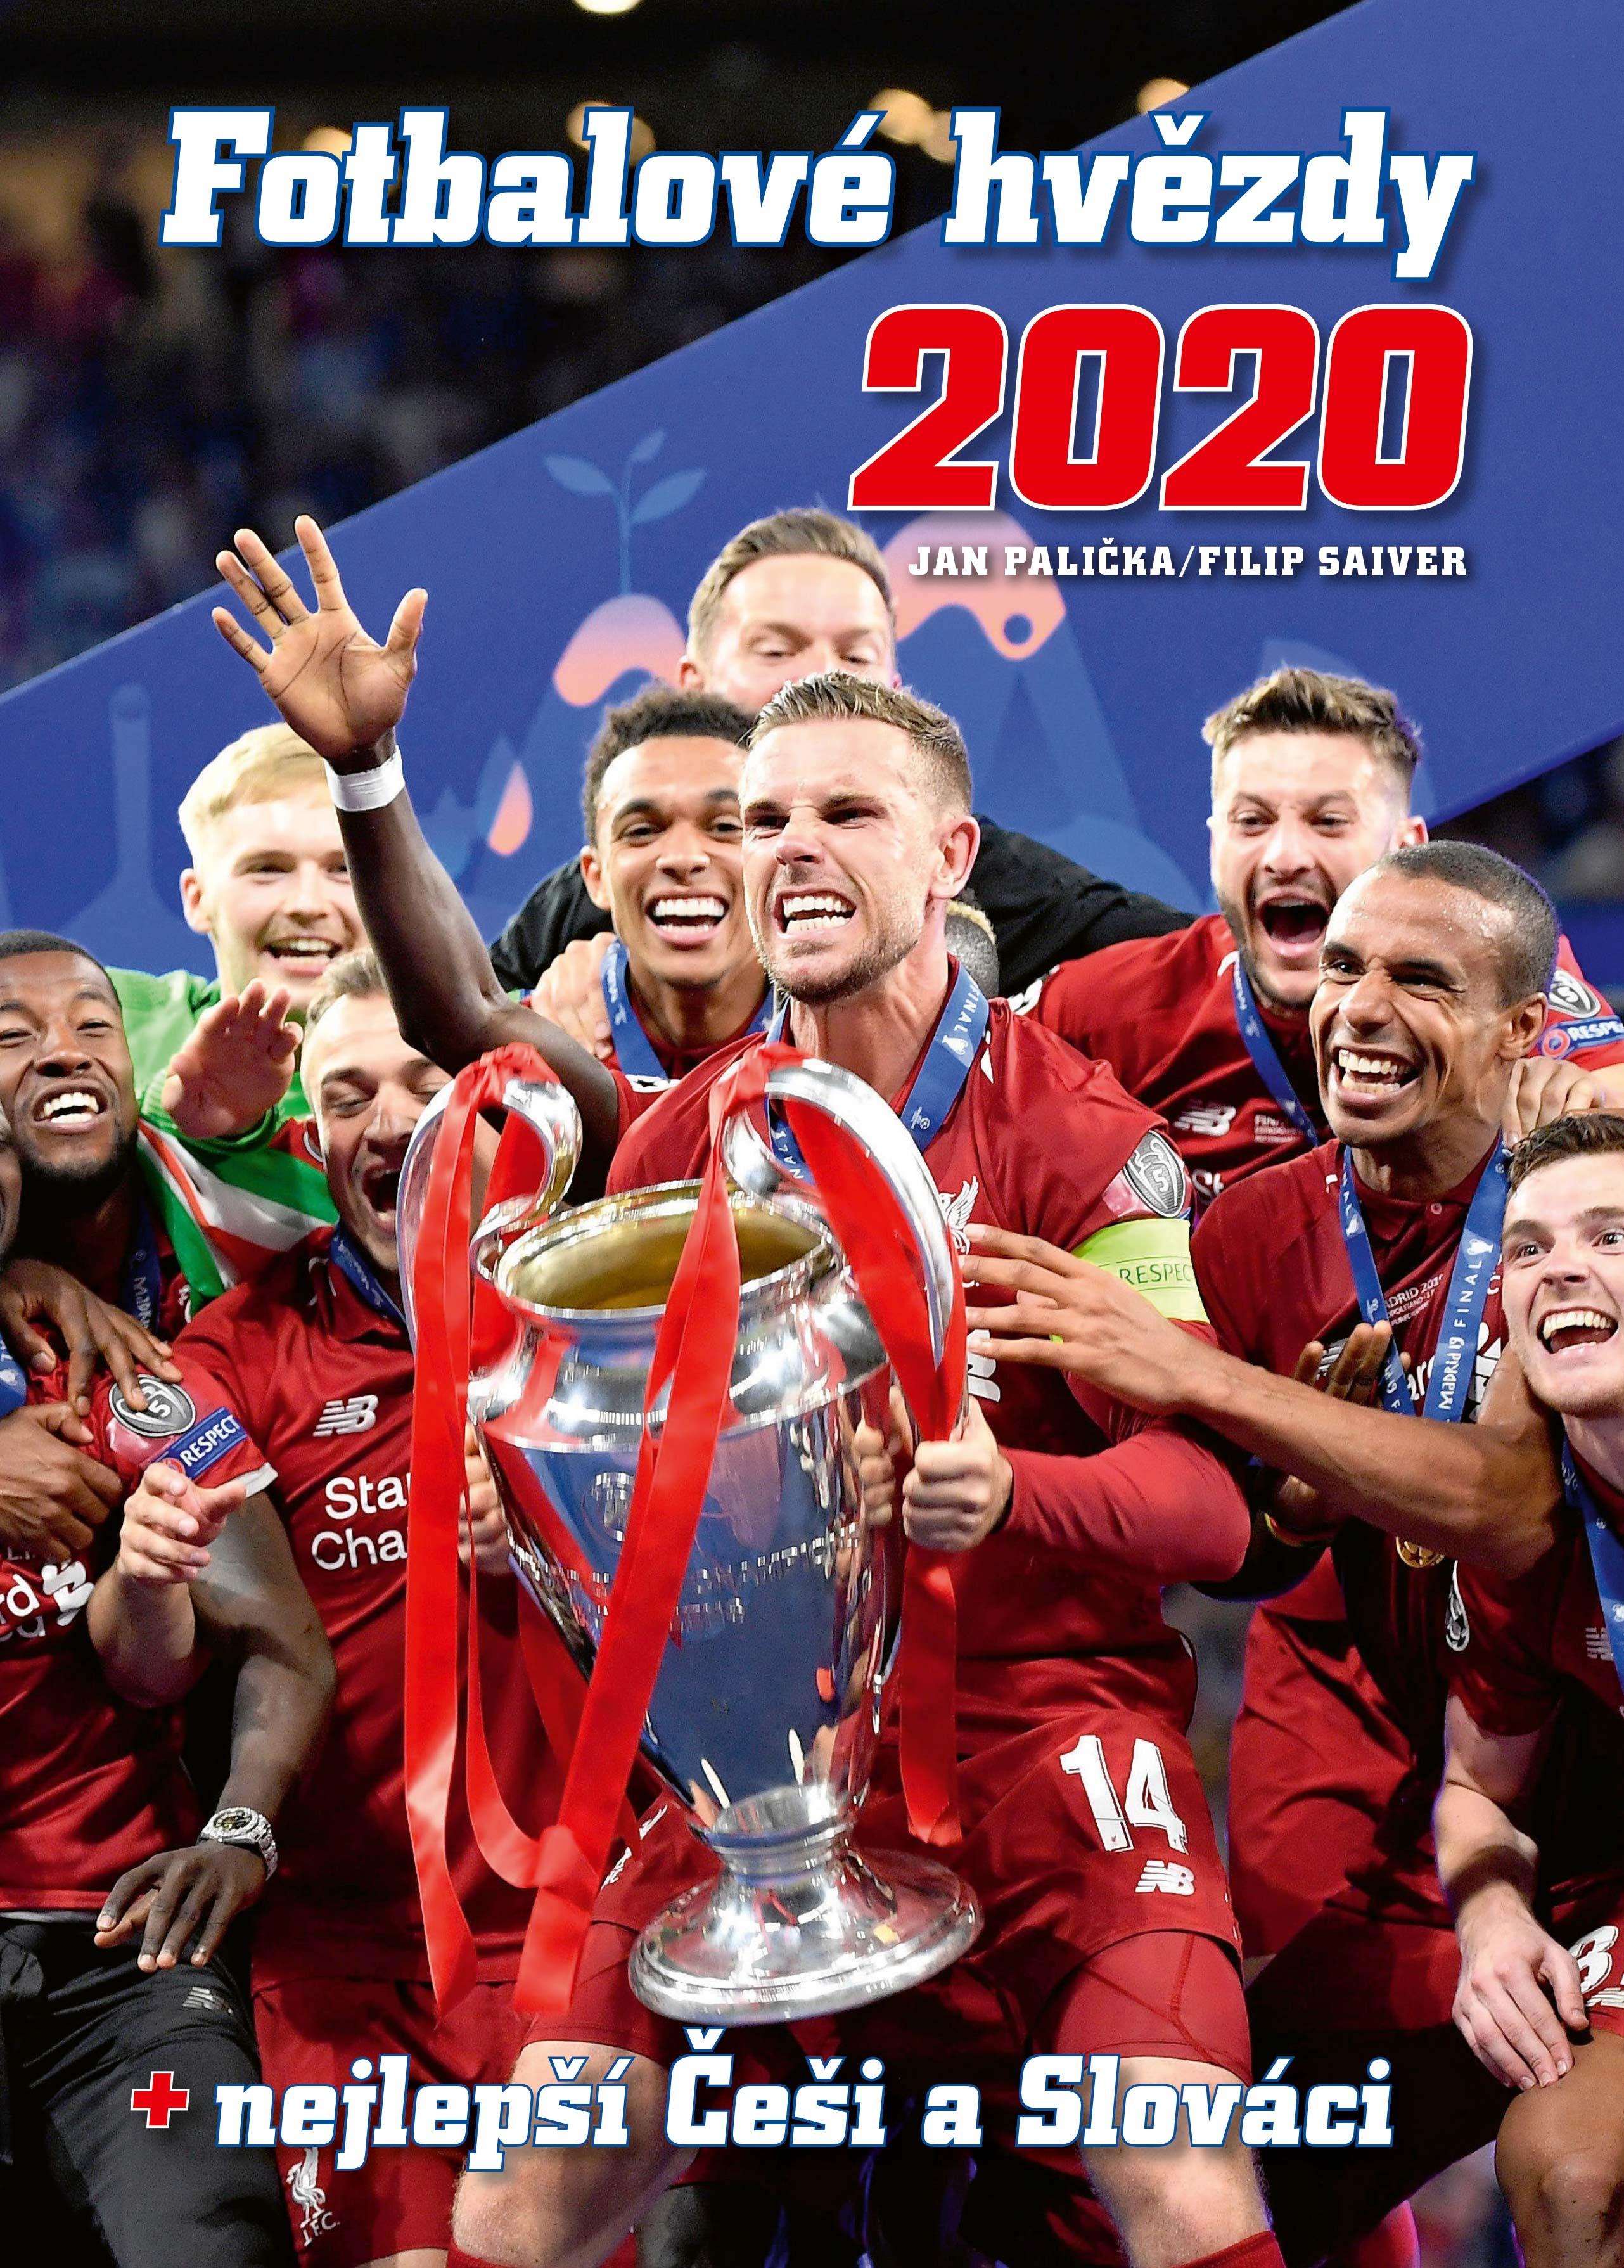 Fotbalové hvězdy 2020 (Filip Saiver, Jan Palička)